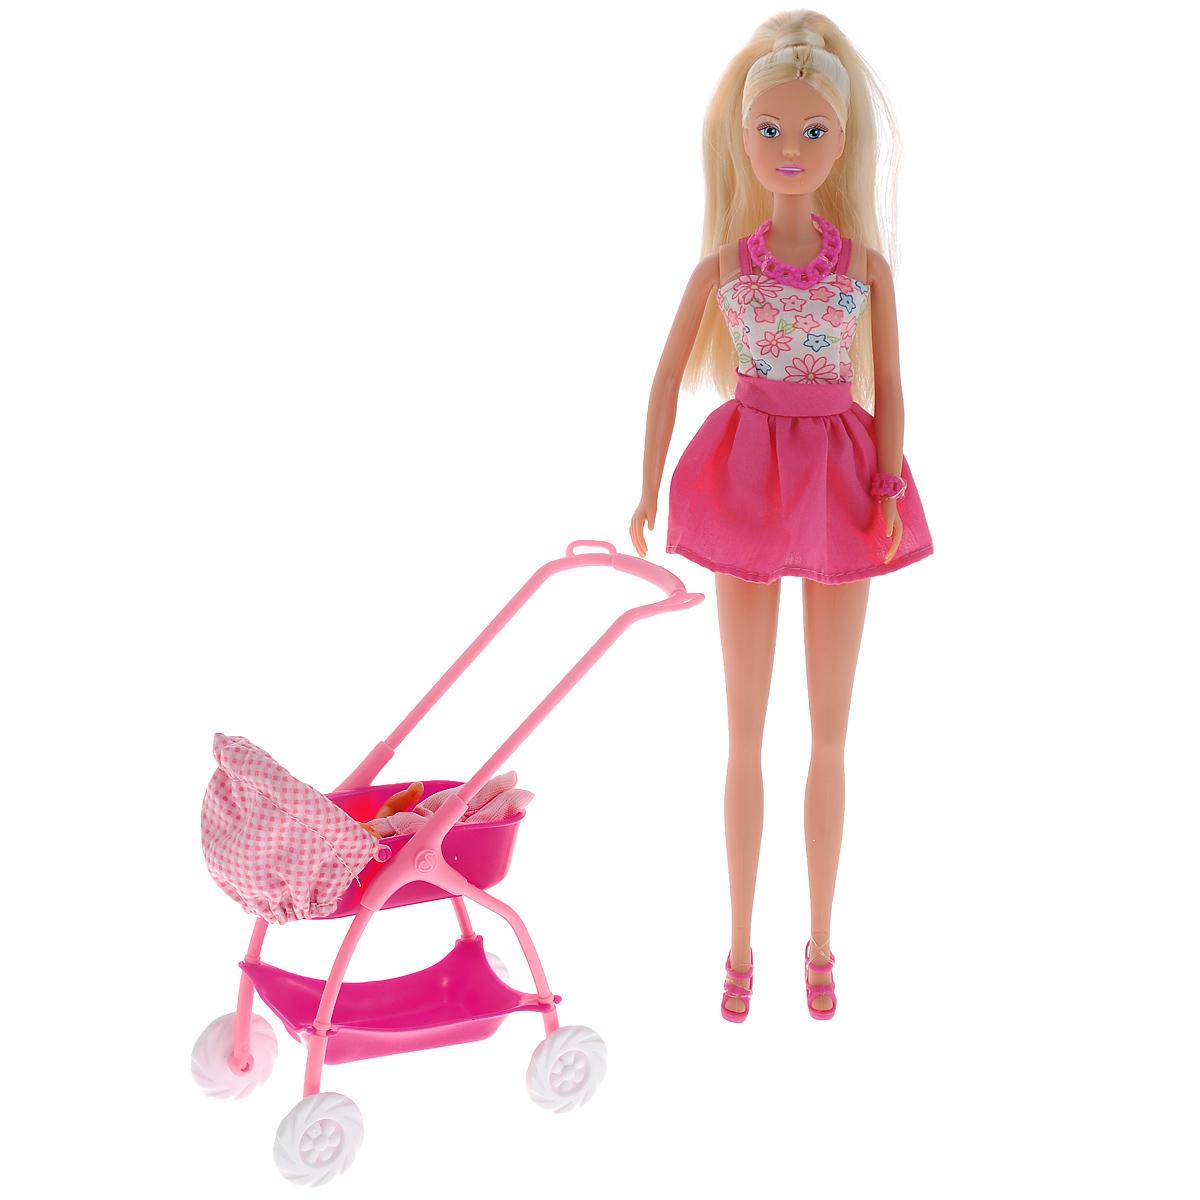 Simba Кукла Штеффи с ребенком цвет розовый белый5733067Кукла Simba Штеффи с ребенком надолго займет внимание вашей малышки и подарит ей множество счастливых мгновений. Кукла изготовлена из пластика, ее голова, ручки и ножки подвижны, что позволяет придавать ей разнообразные позы. В комплект входит коляска, кукла-ребенок и разнообразные аксессуары для него: соска, бутылочки, посуда и игрушки. Куколка одета в удобное и стильное платье, украшенное рисунком с цветами. Наряд дополняют розовые туфельки. Чудесные длинные волосы куклы так весело расчесывать и создавать из них всевозможные прически, плести косички, жгутики и хвостики. Благодаря играм с куклой, ваша малышка сможет развить фантазию и любознательность, овладеть навыками общения и научиться ответственности, а дополнительные аксессуары сделают игру еще увлекательнее. Порадуйте свою принцессу таким прекрасным подарком!